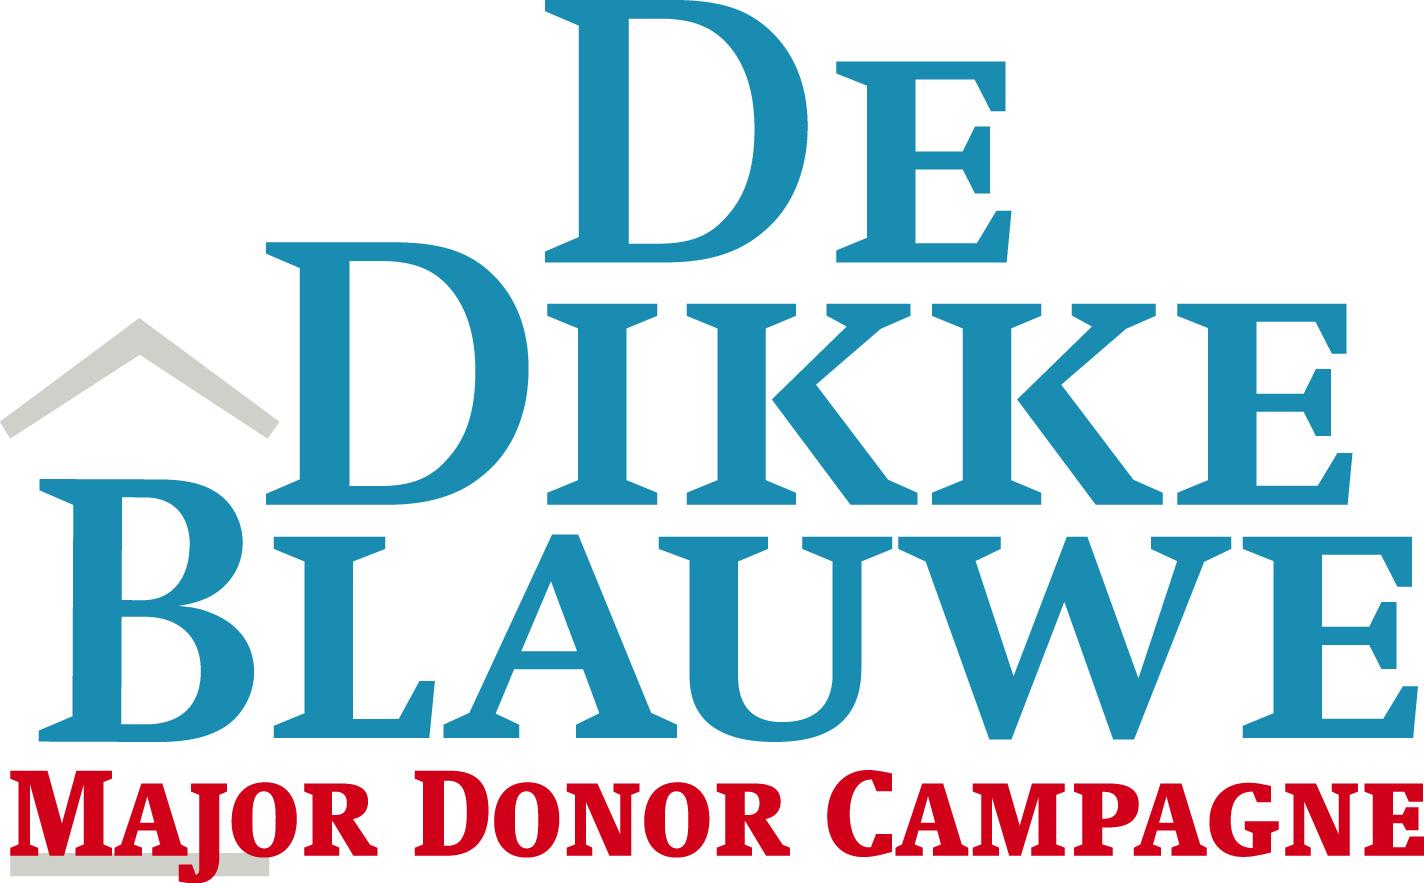 Hoe goed kent u uw major donors? (deel 1)